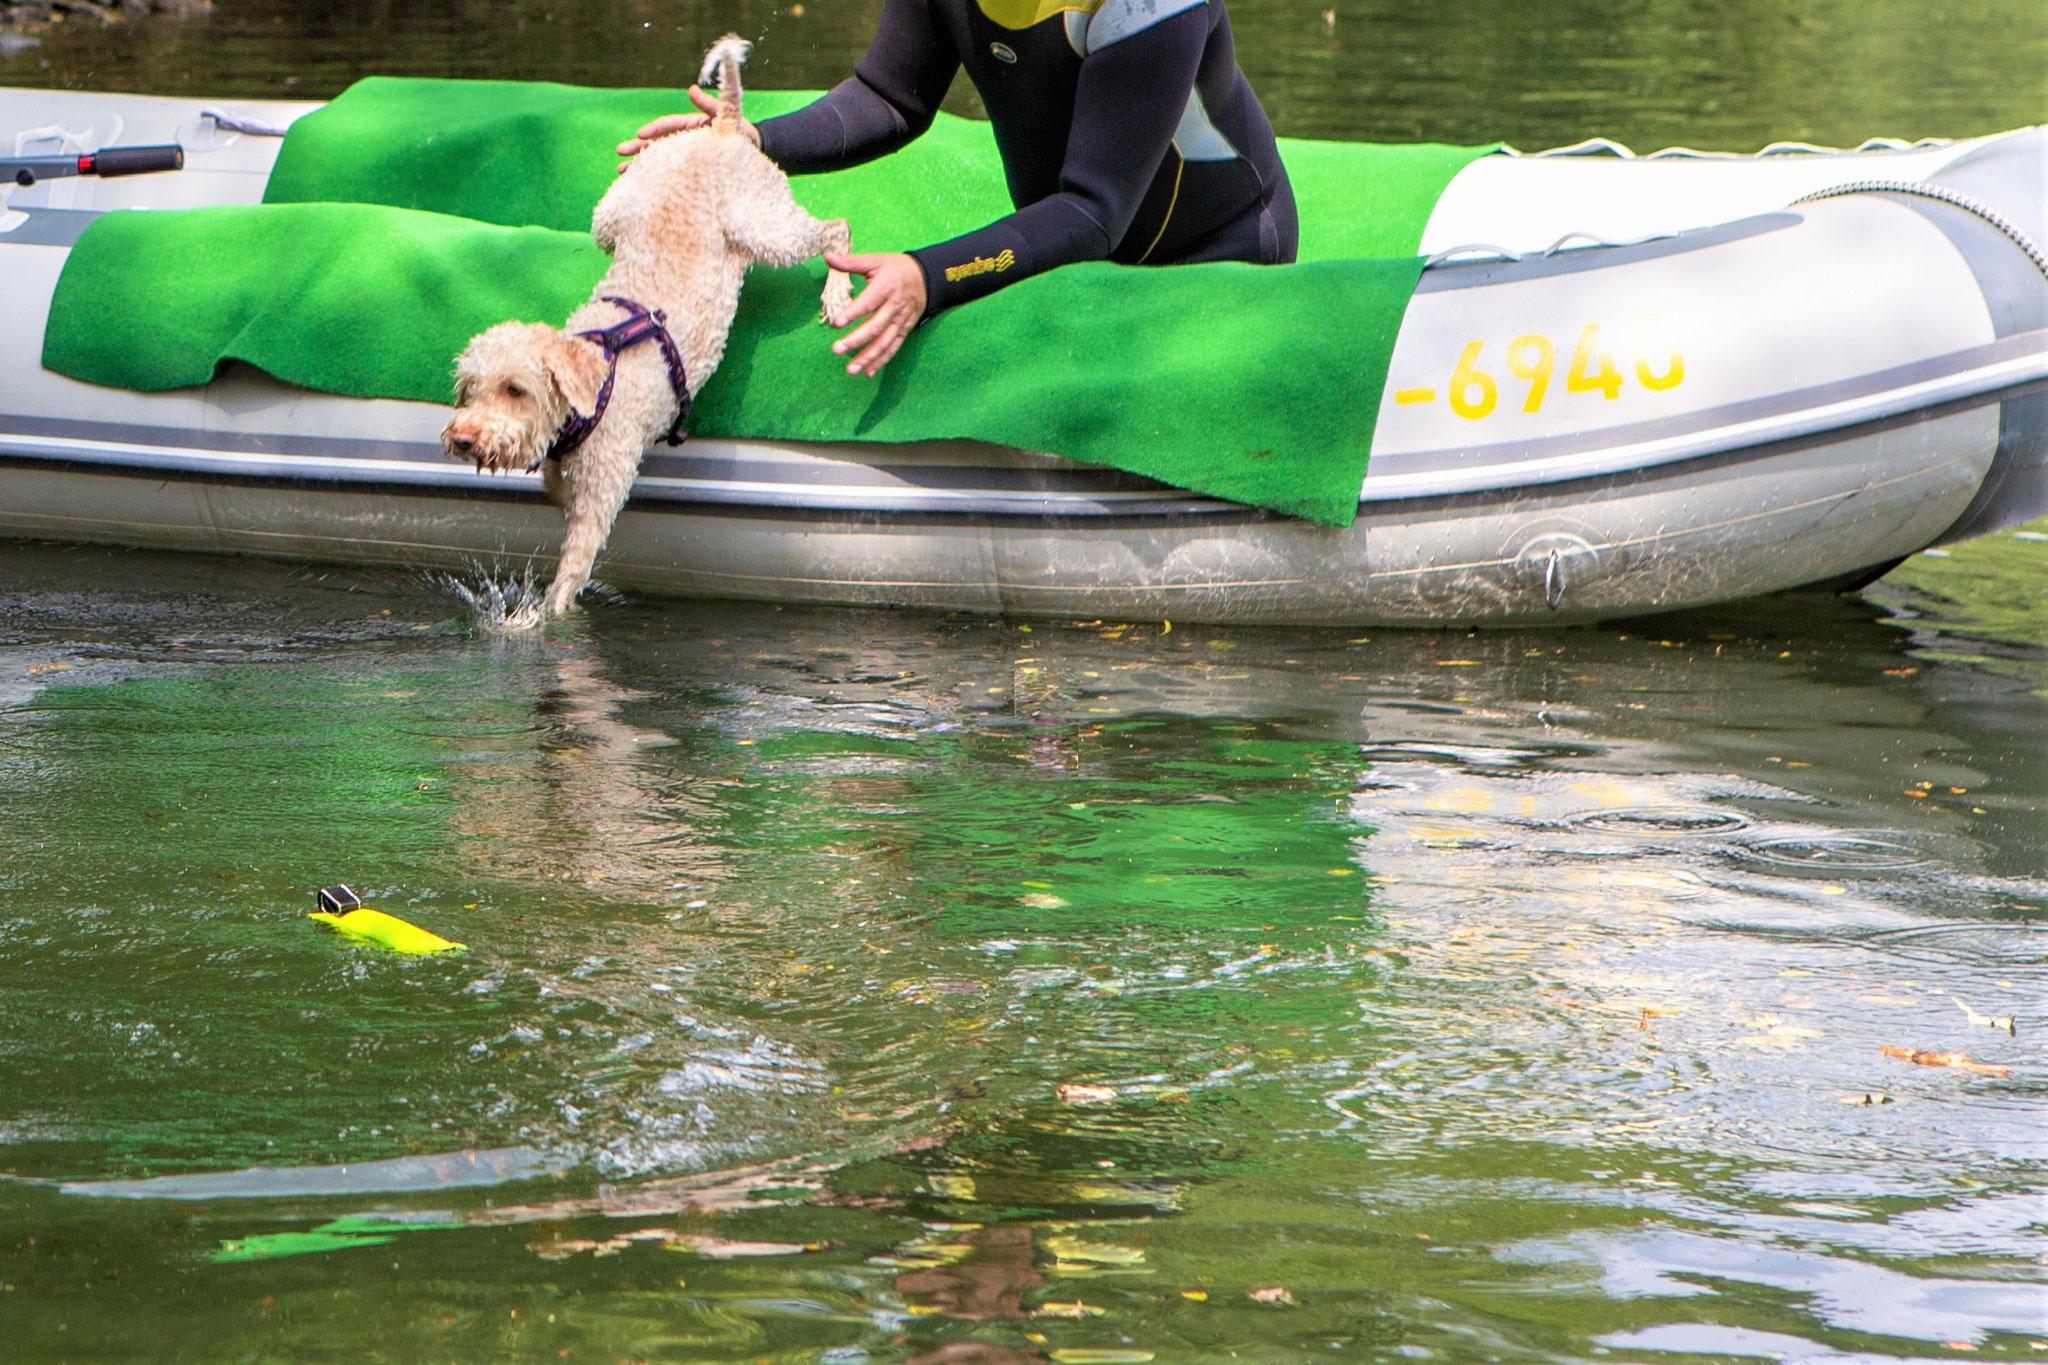 springt aus dem Boot ins Wasser.